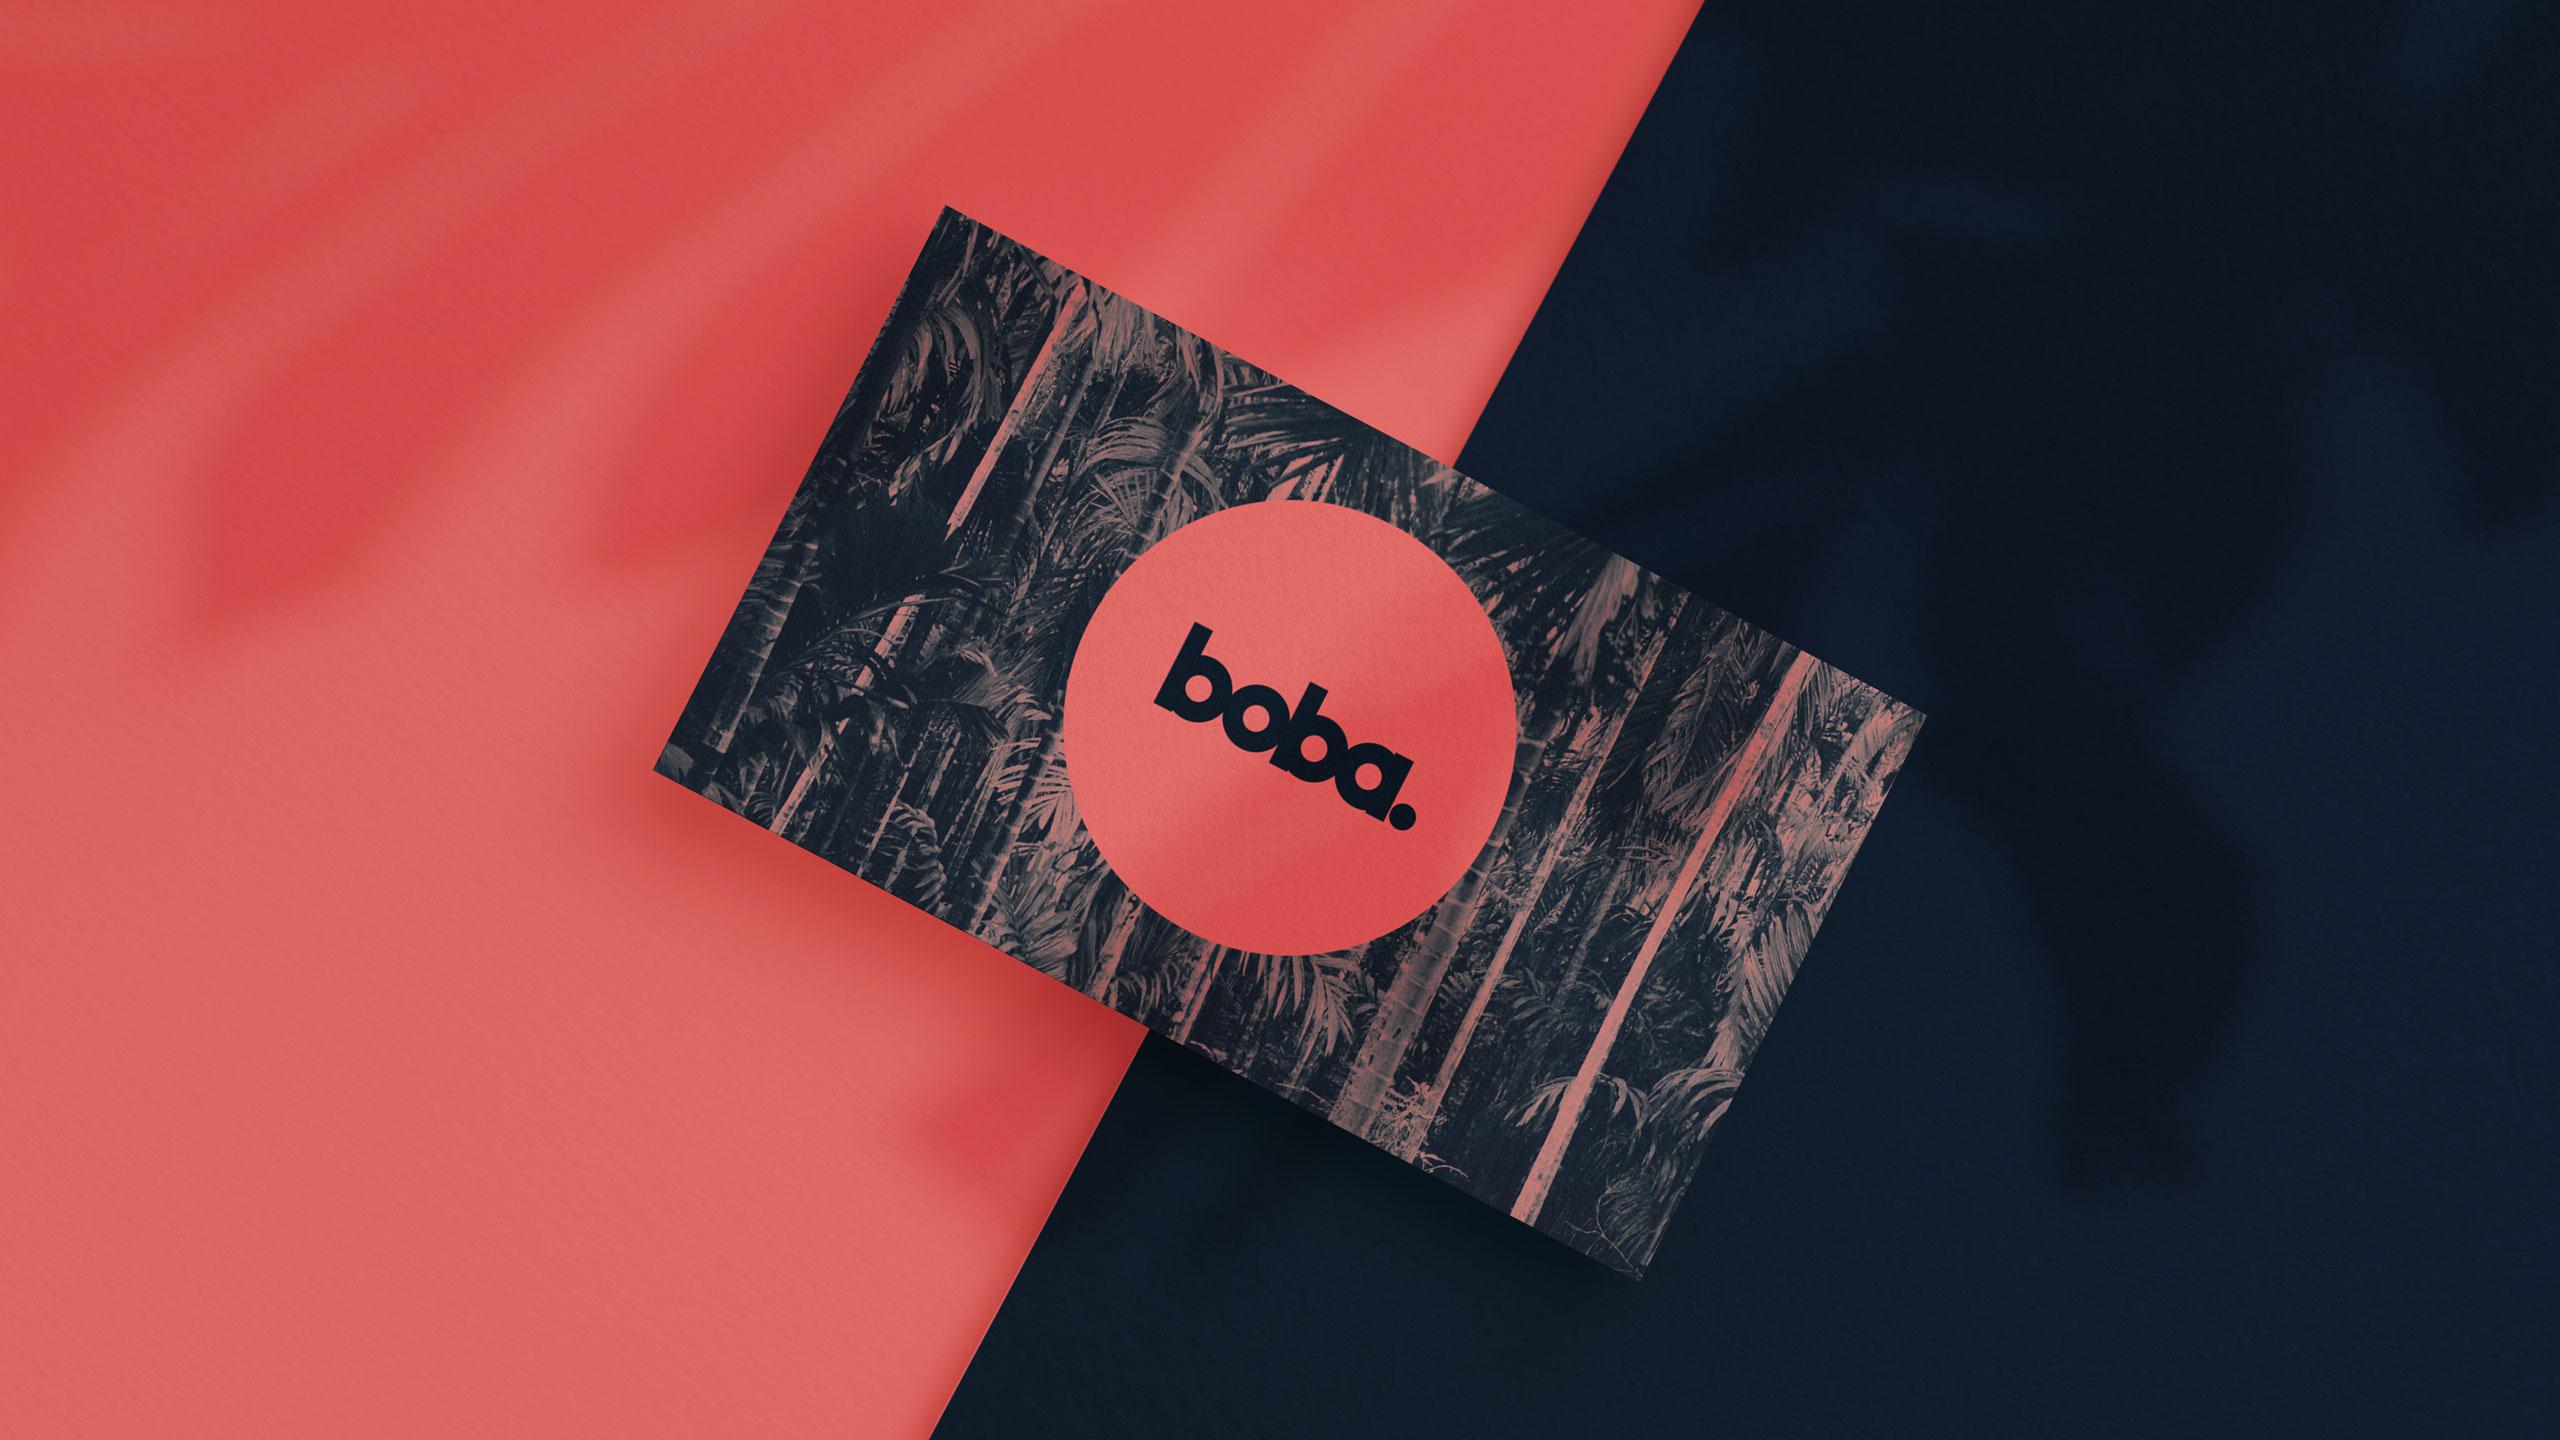 boba07